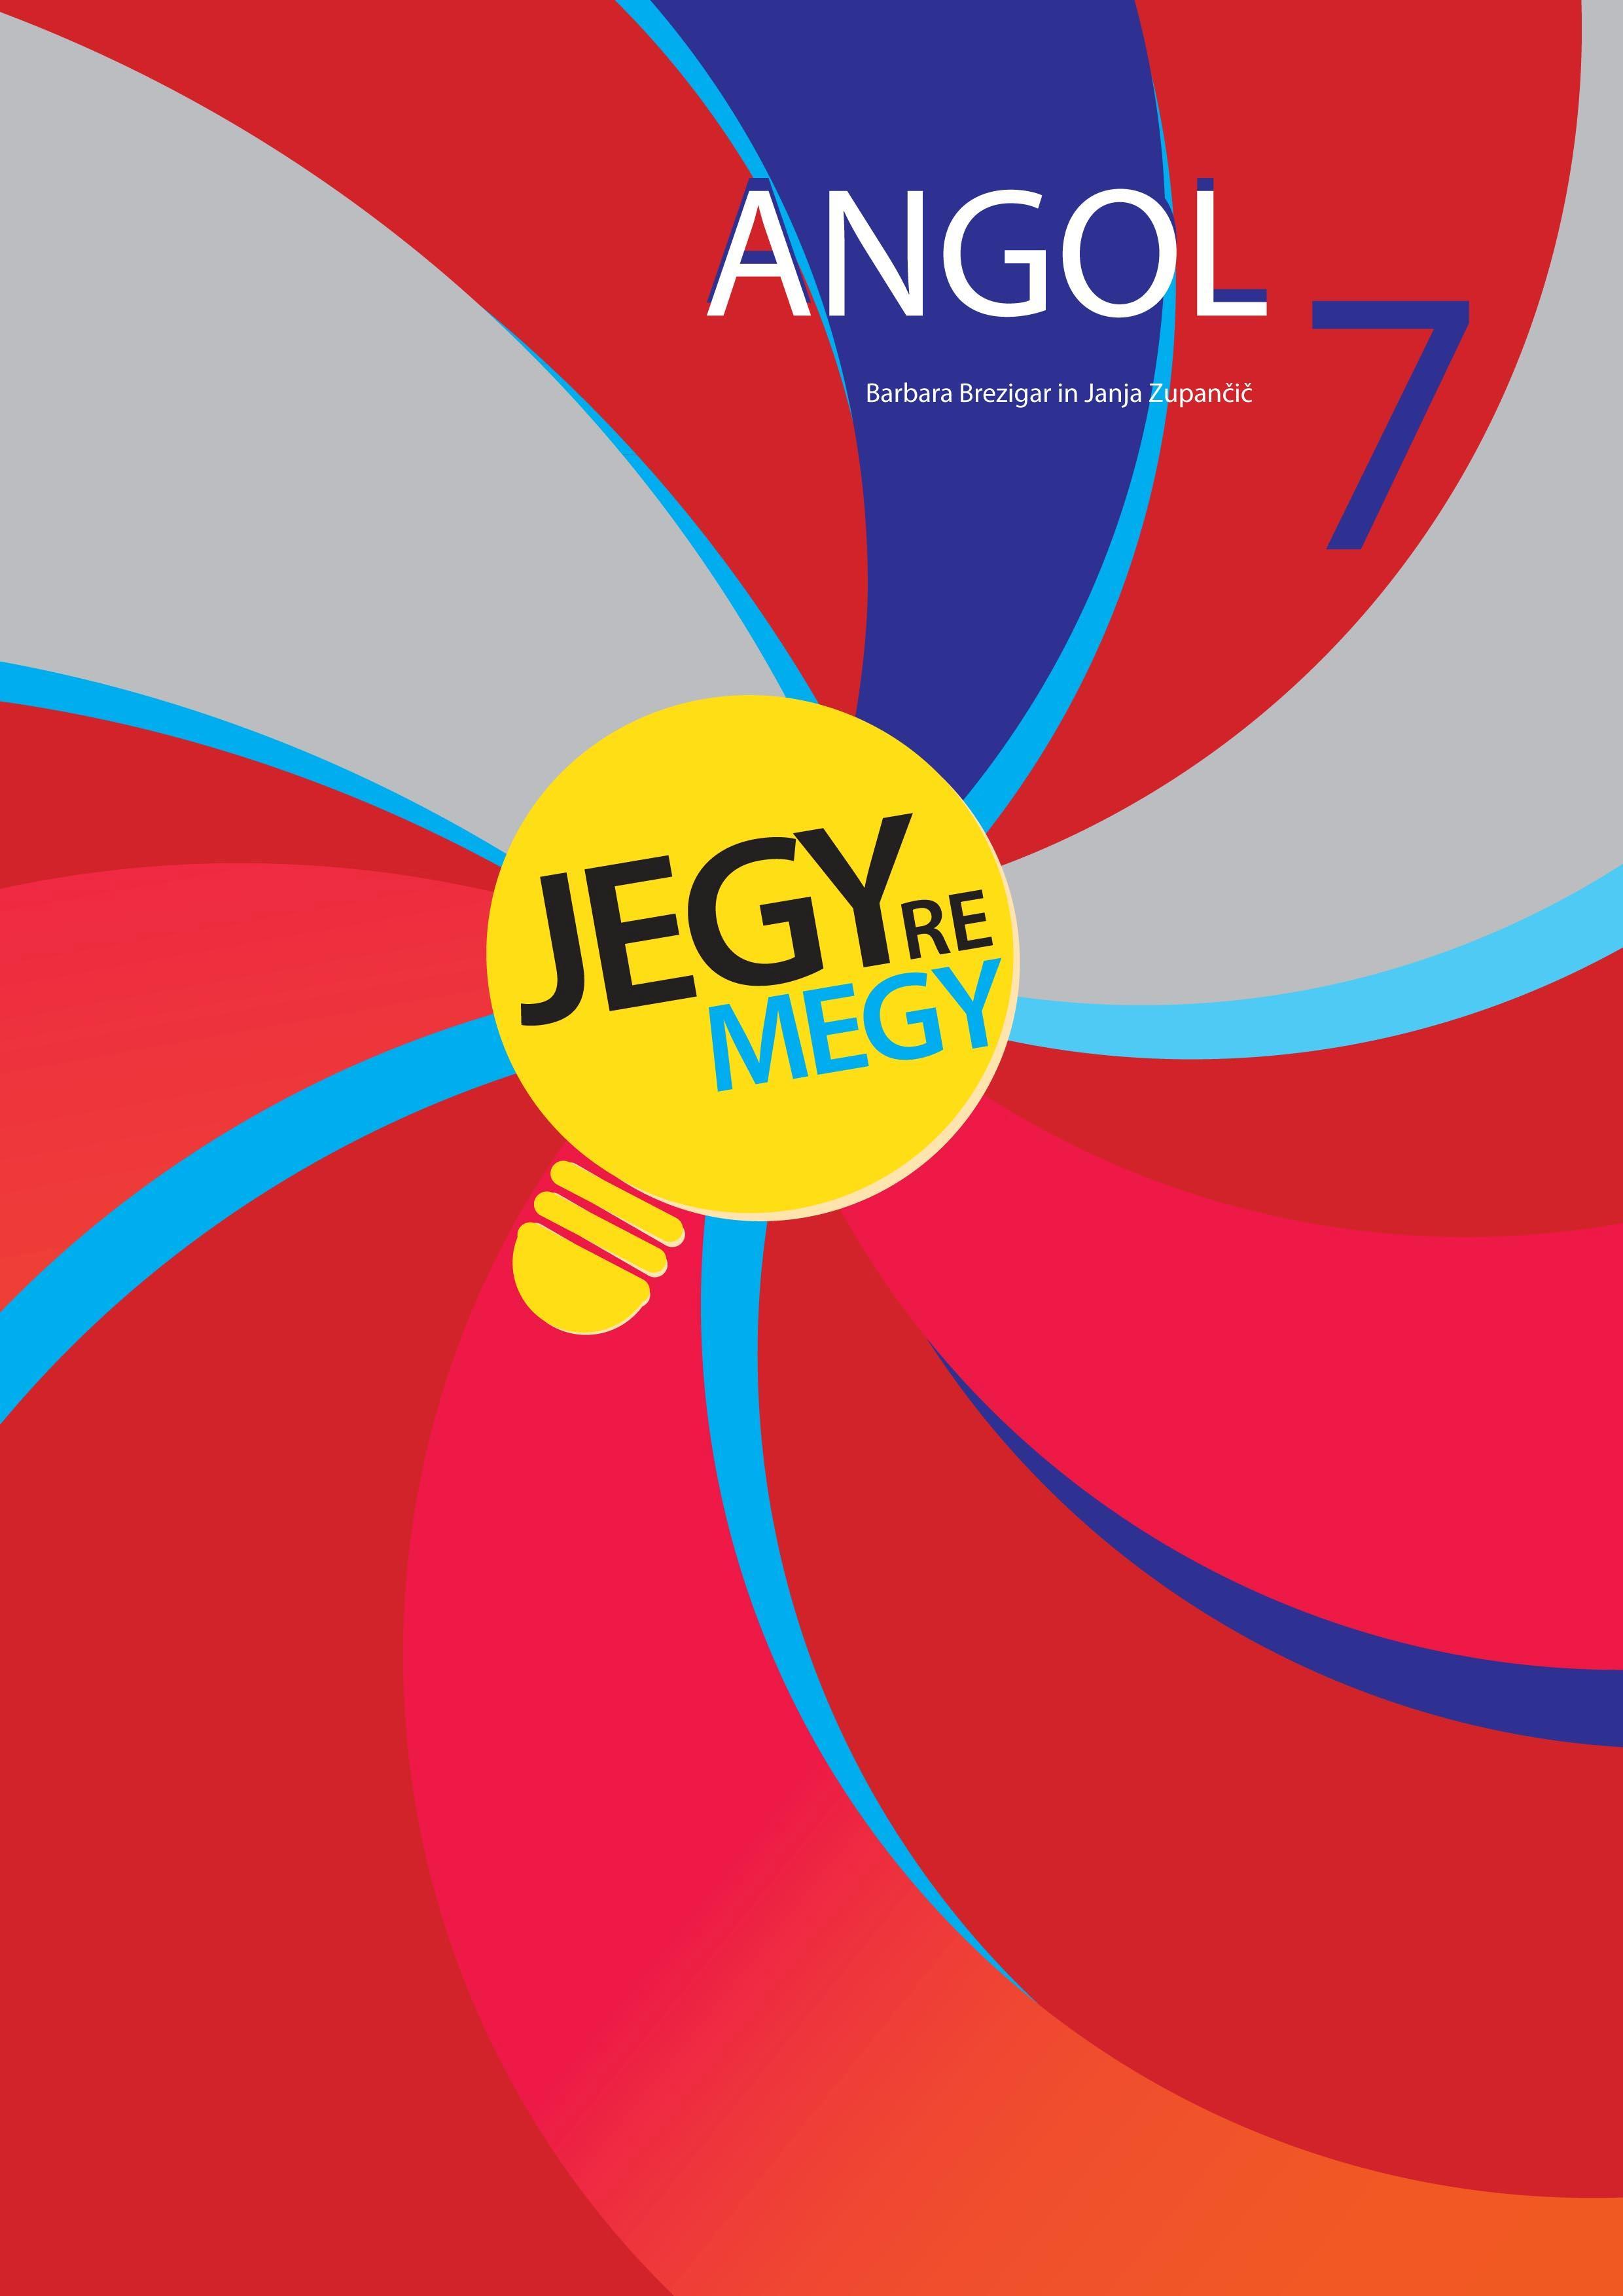 ANGOL 7. - JEGYRE MEGY!